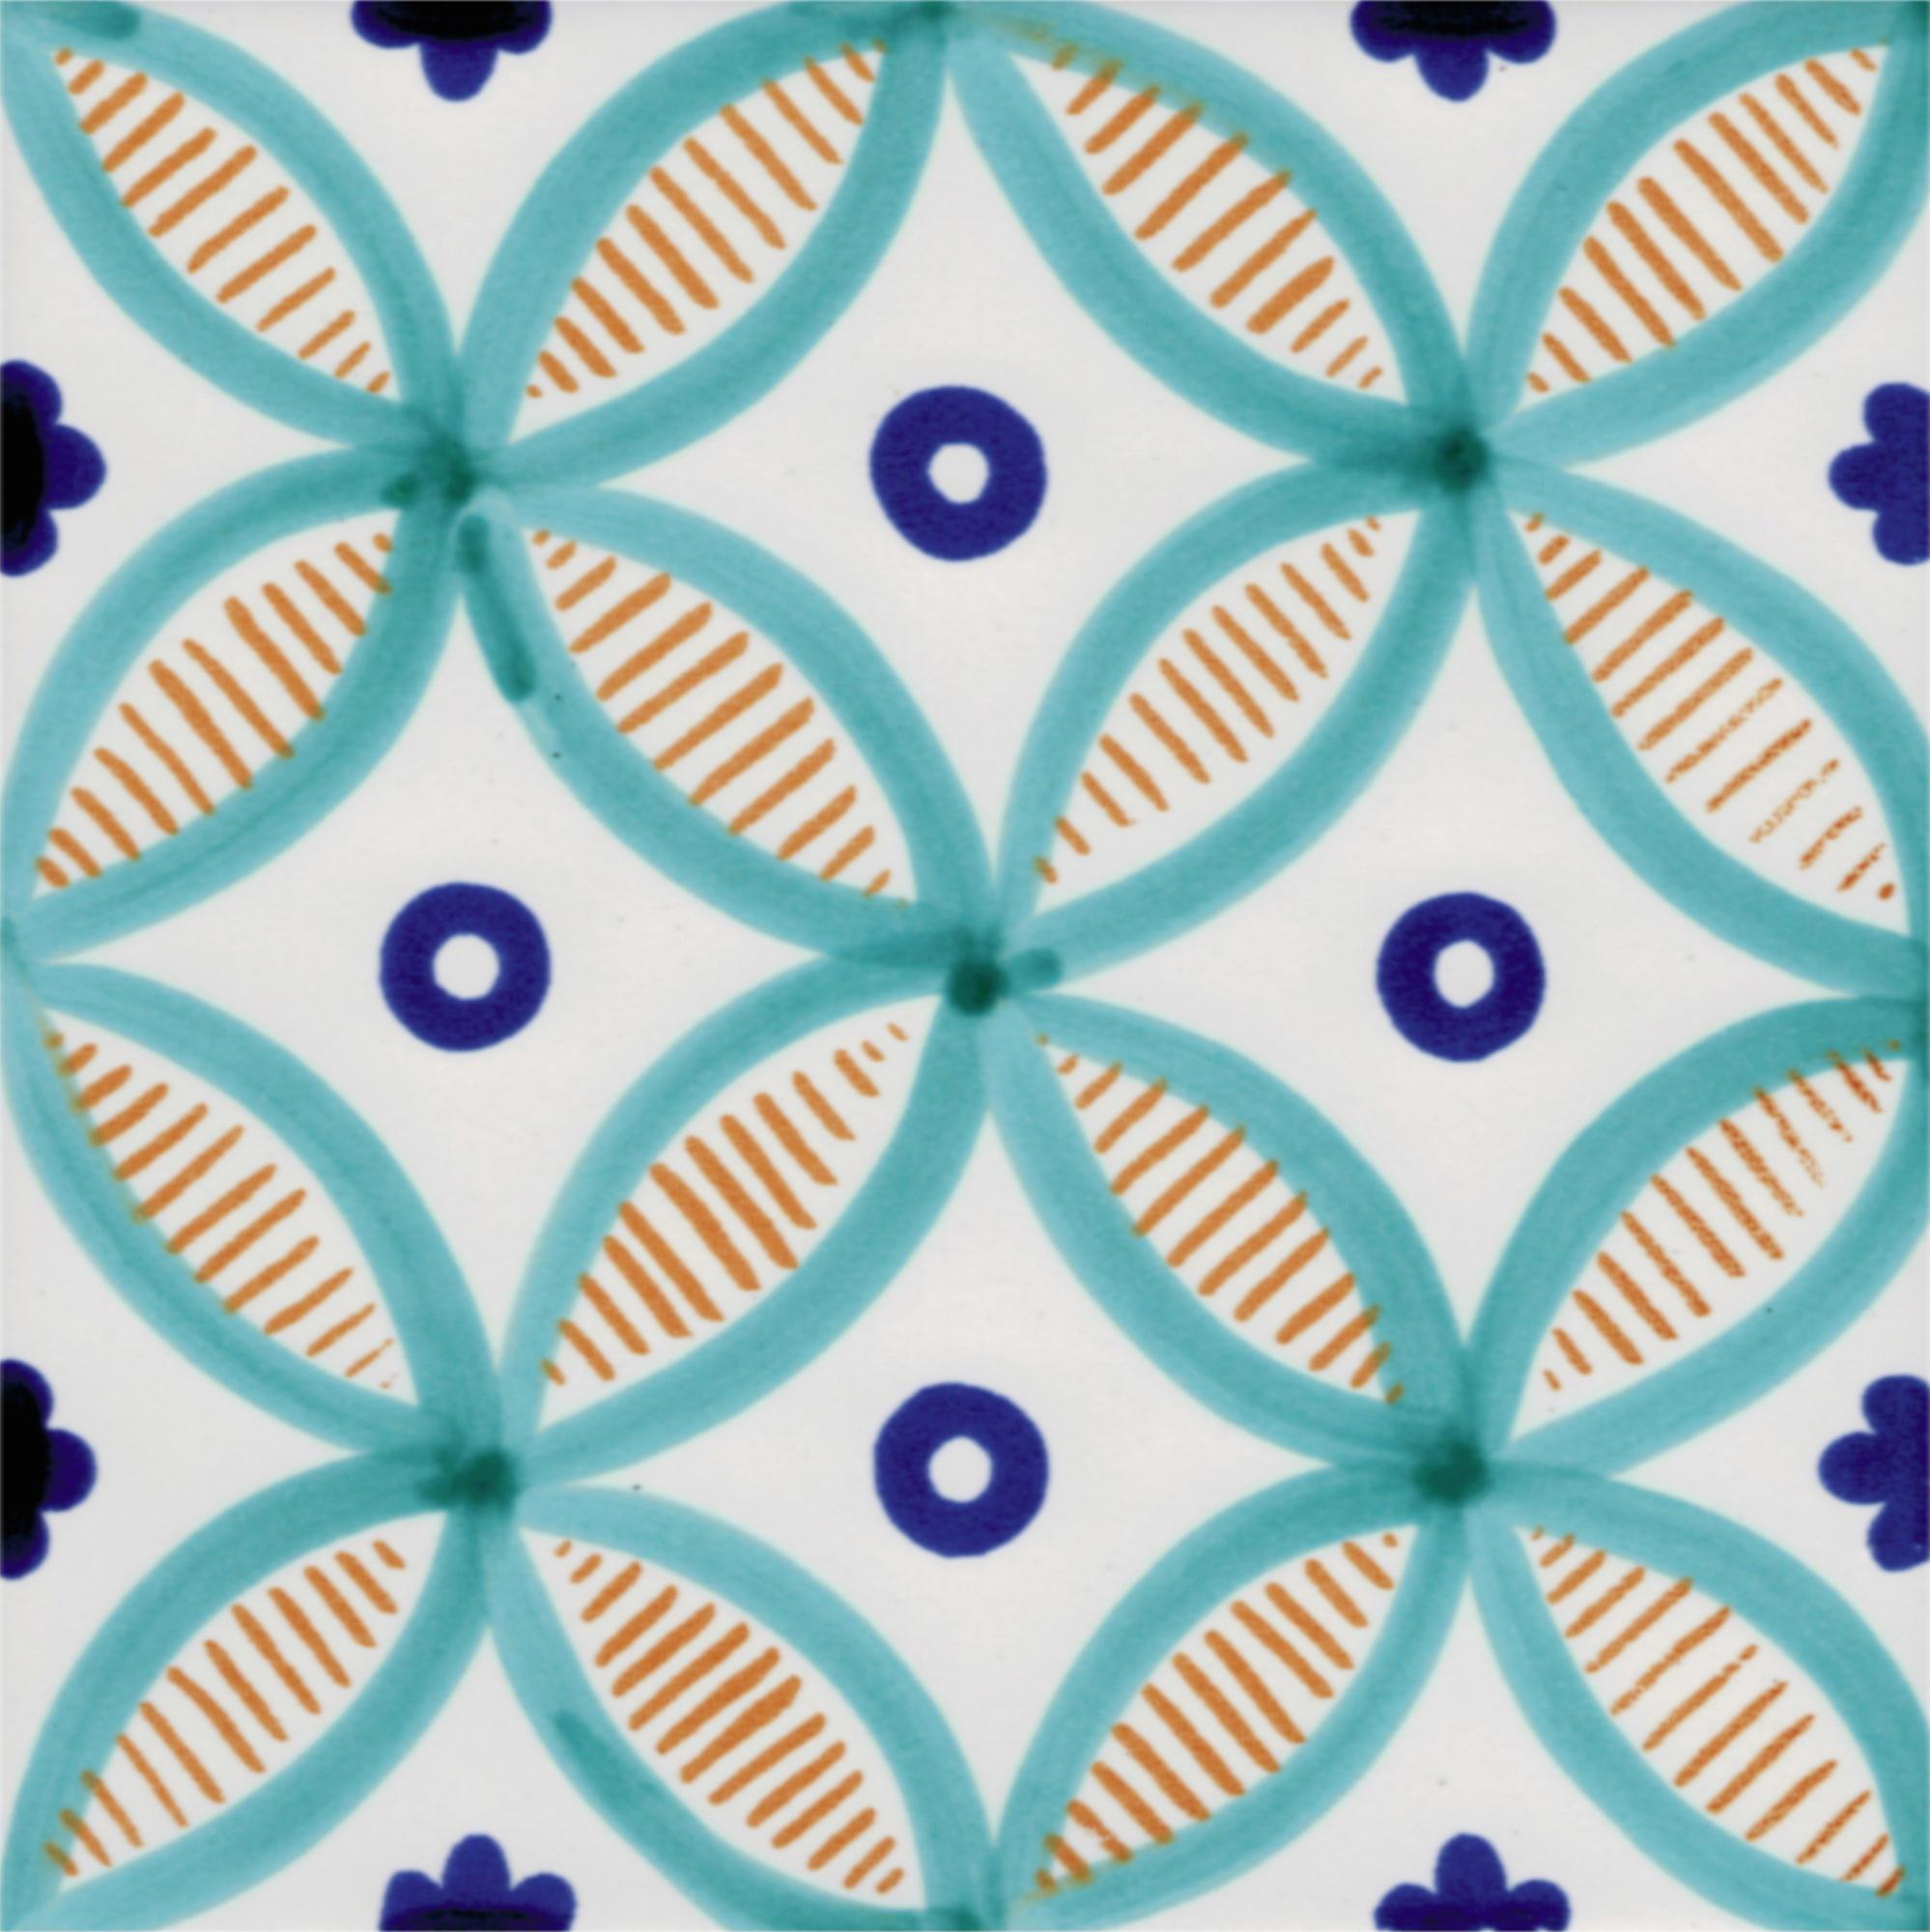 Lr po nilo bianco piastrelle mattonelle per pavimenti la riggiola architonic - La riggiola piastrelle ...